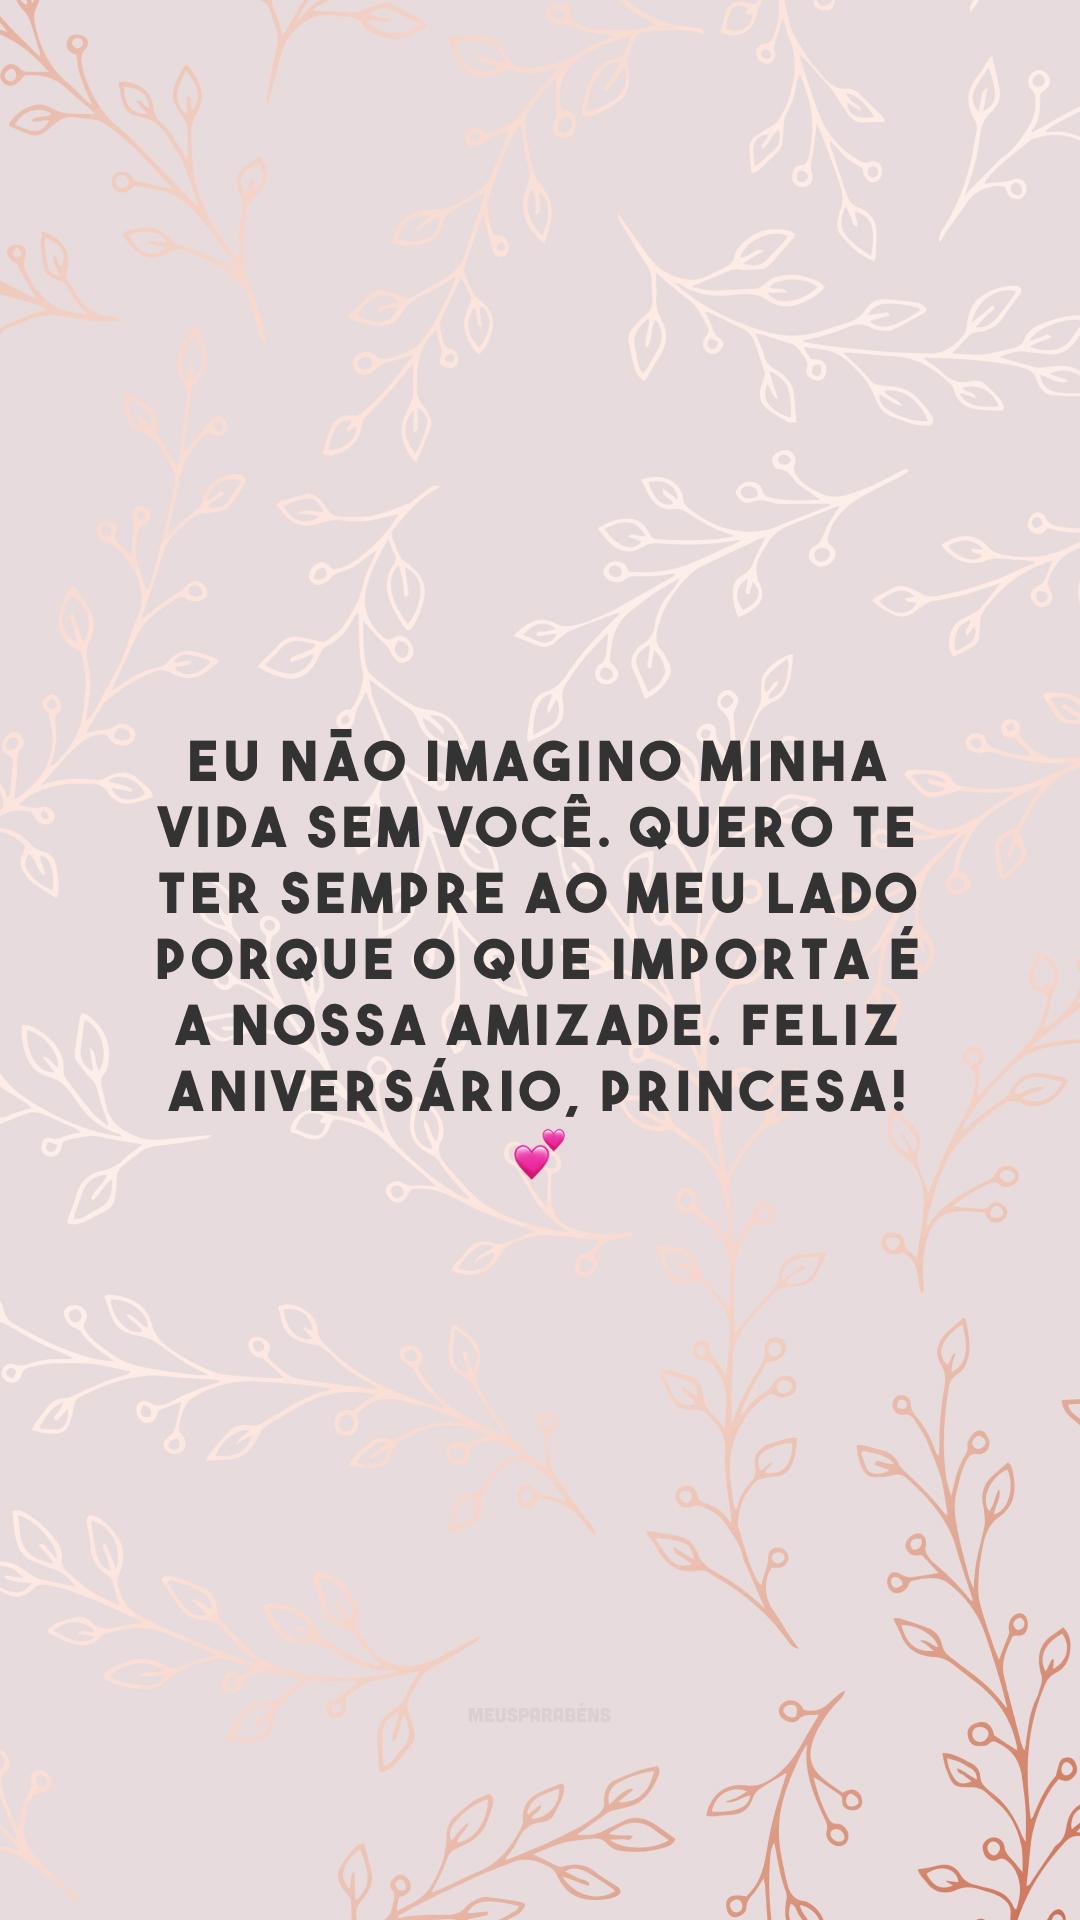 Eu não imagino minha vida sem você. Quero te ter sempre ao meu lado porque o que importa é a nossa amizade. Feliz aniversário, princesa! 💕